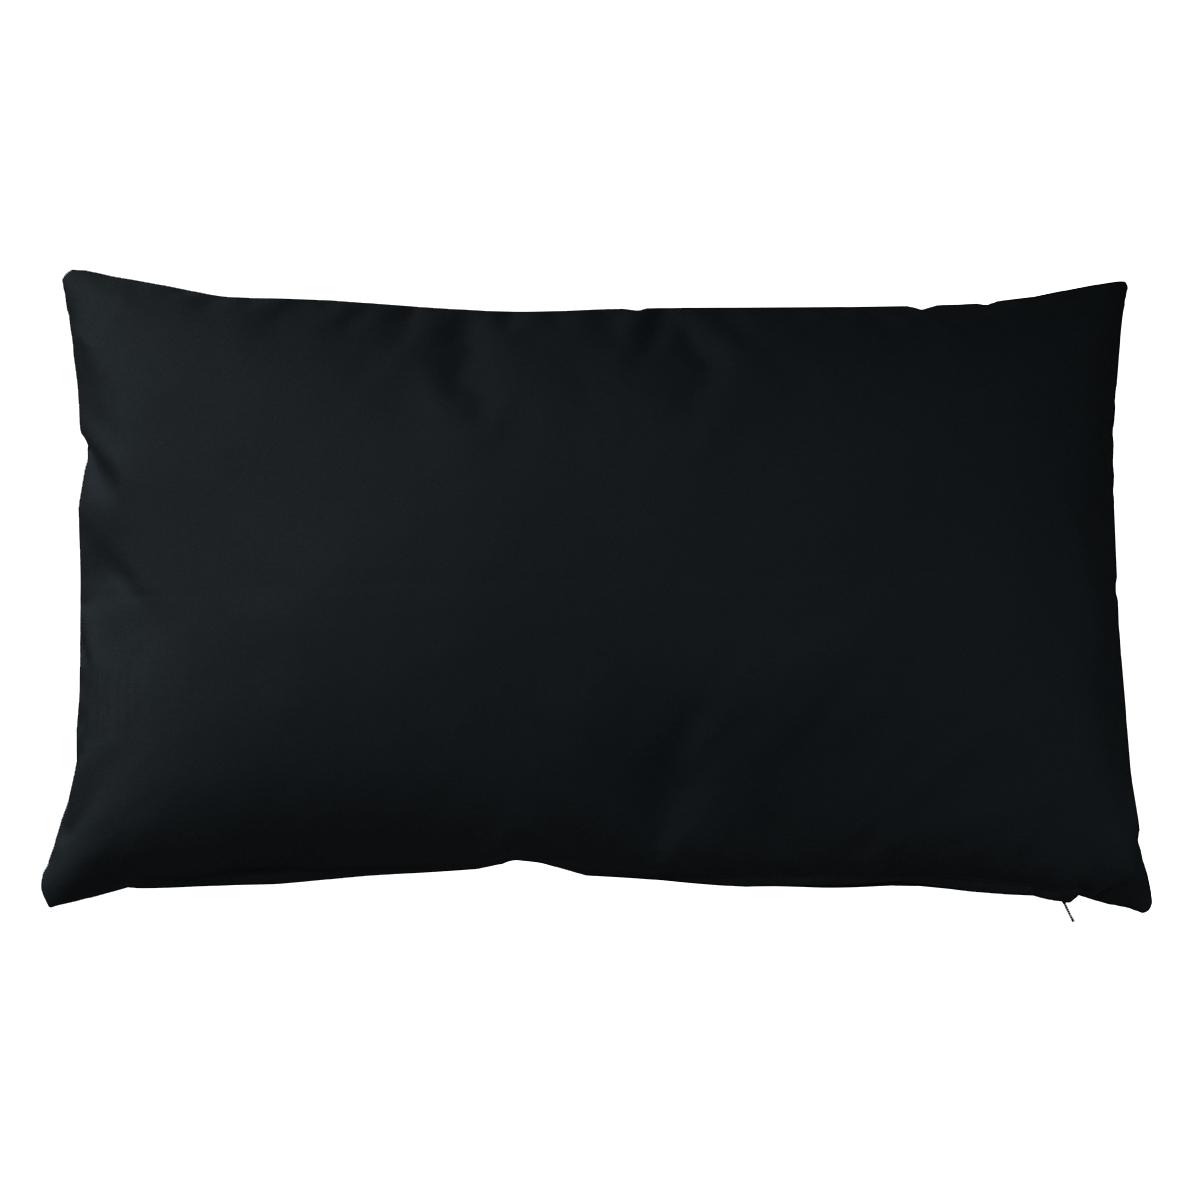 Housse de coussin d'extérieur en tissu outdoor - Noir - 30 x 50 cm